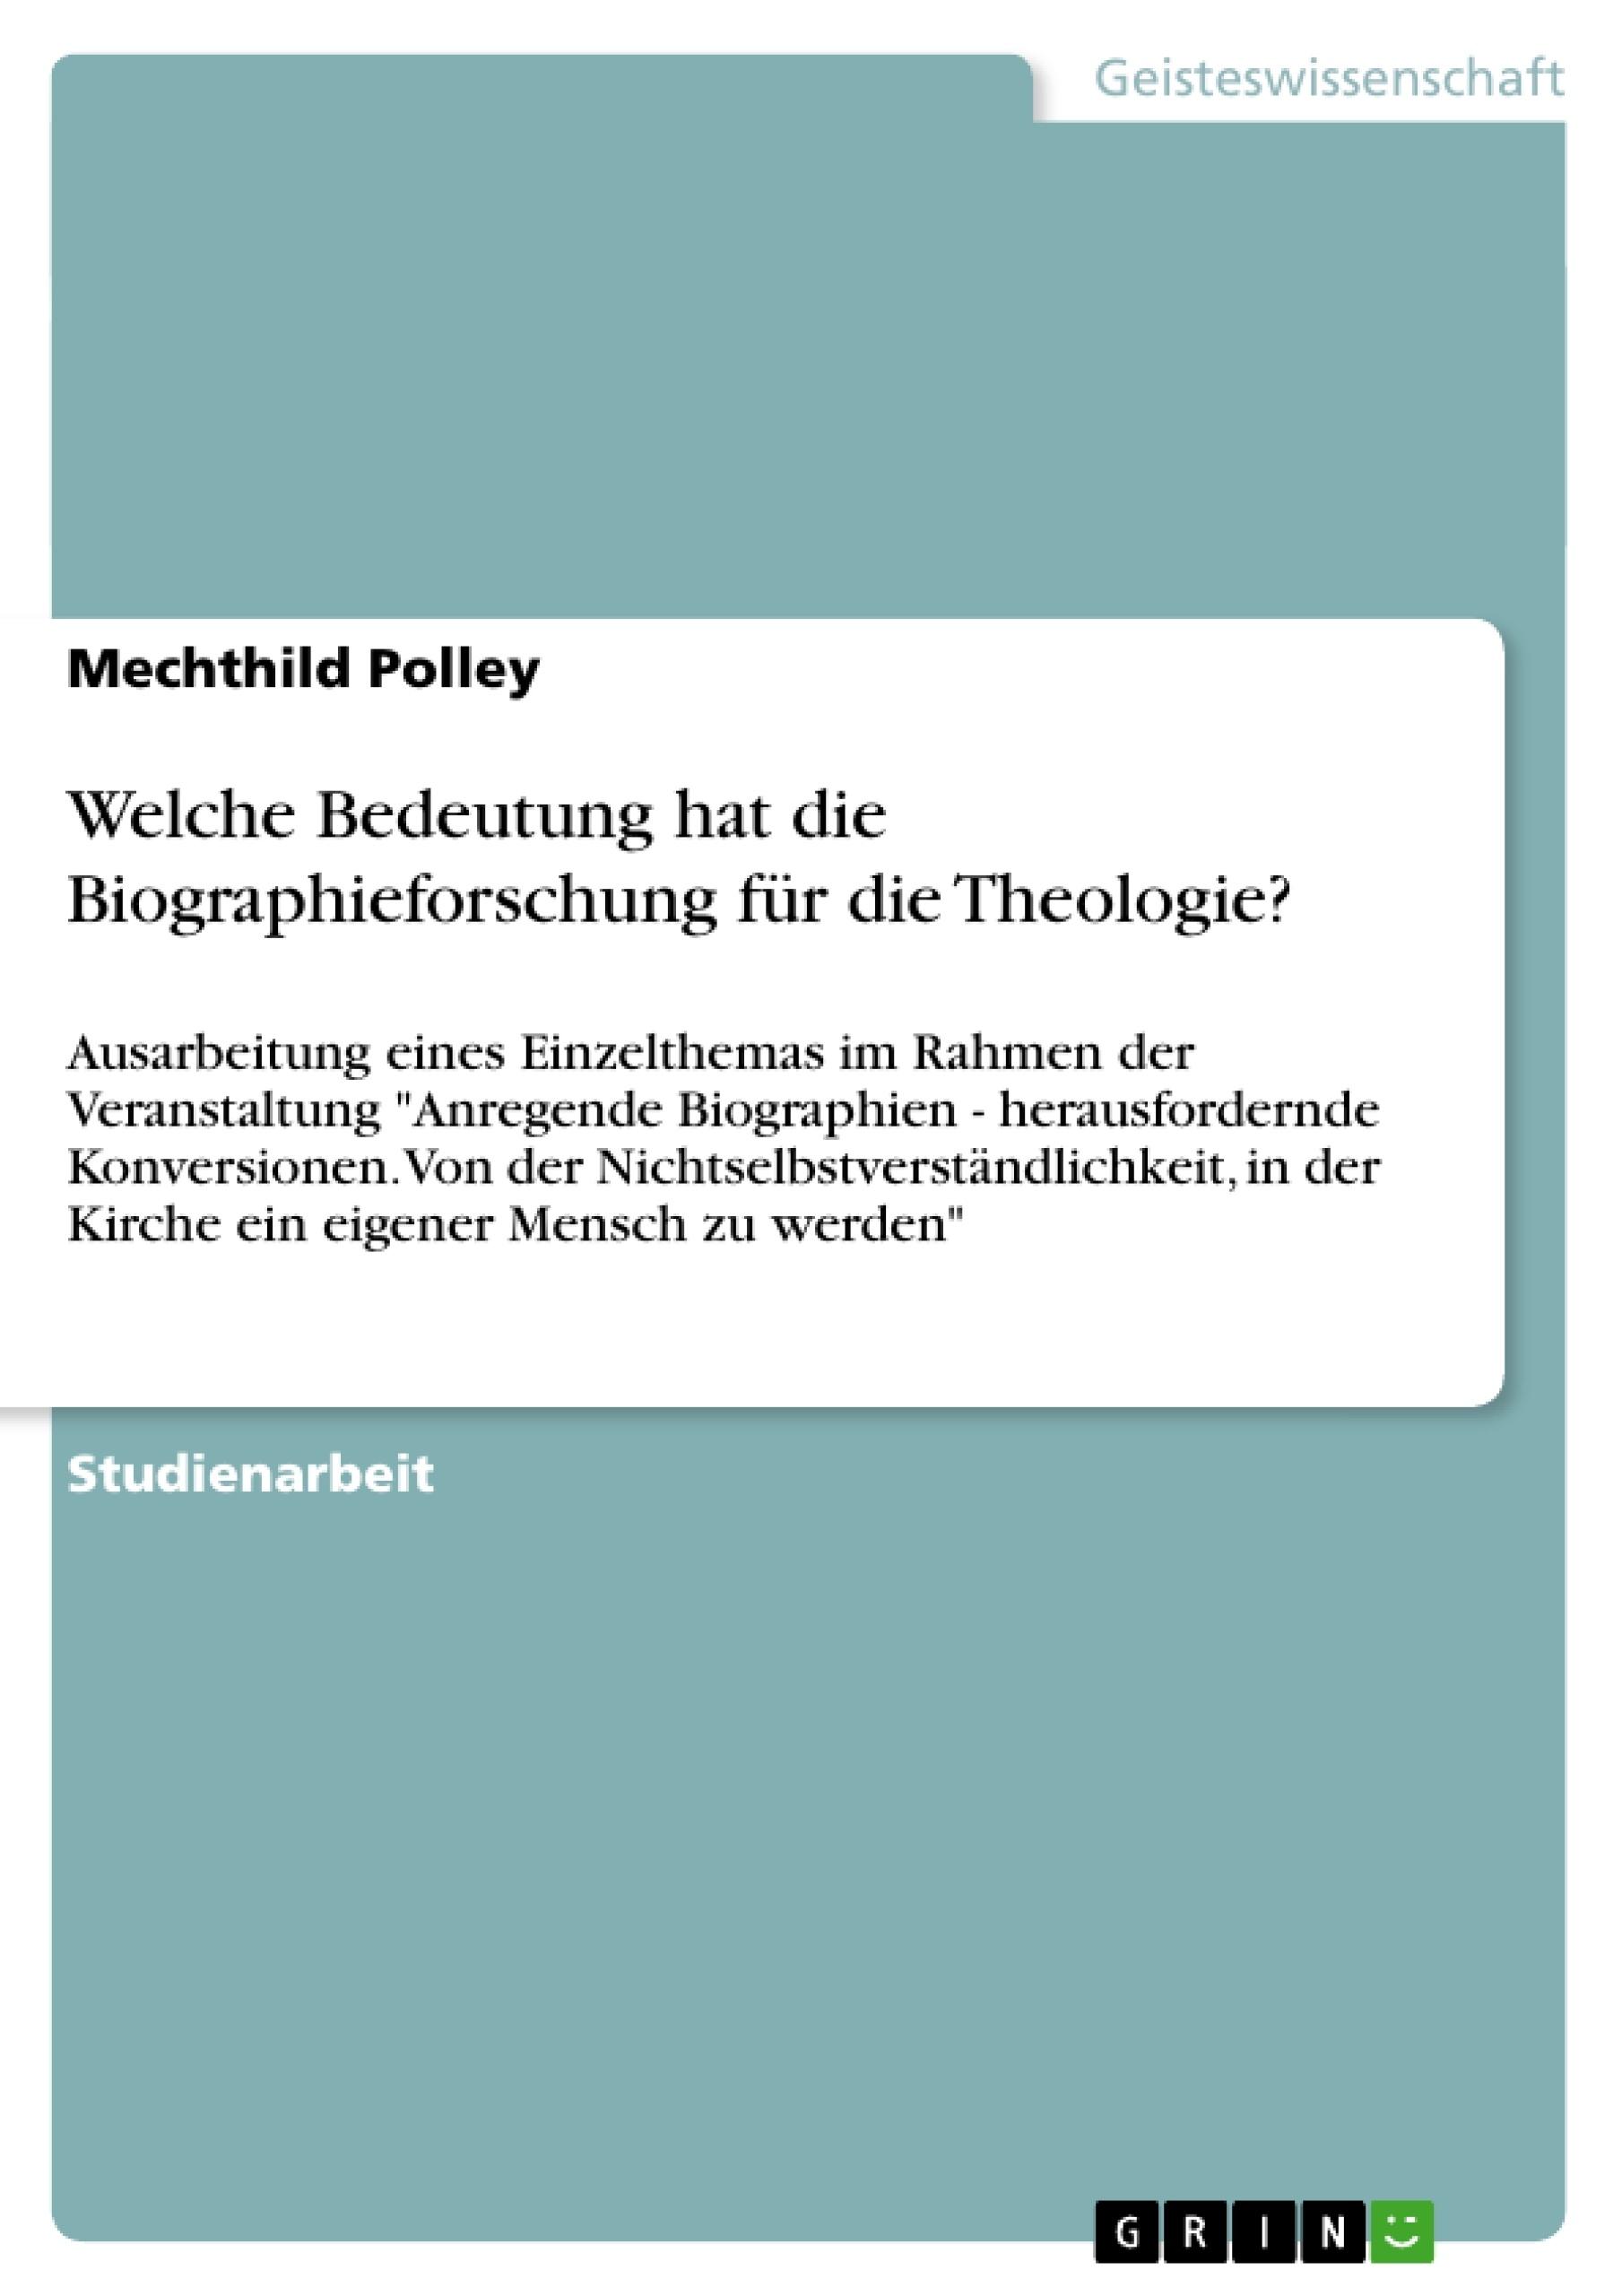 Titel: Welche Bedeutung hat die Biographieforschung für die Theologie?